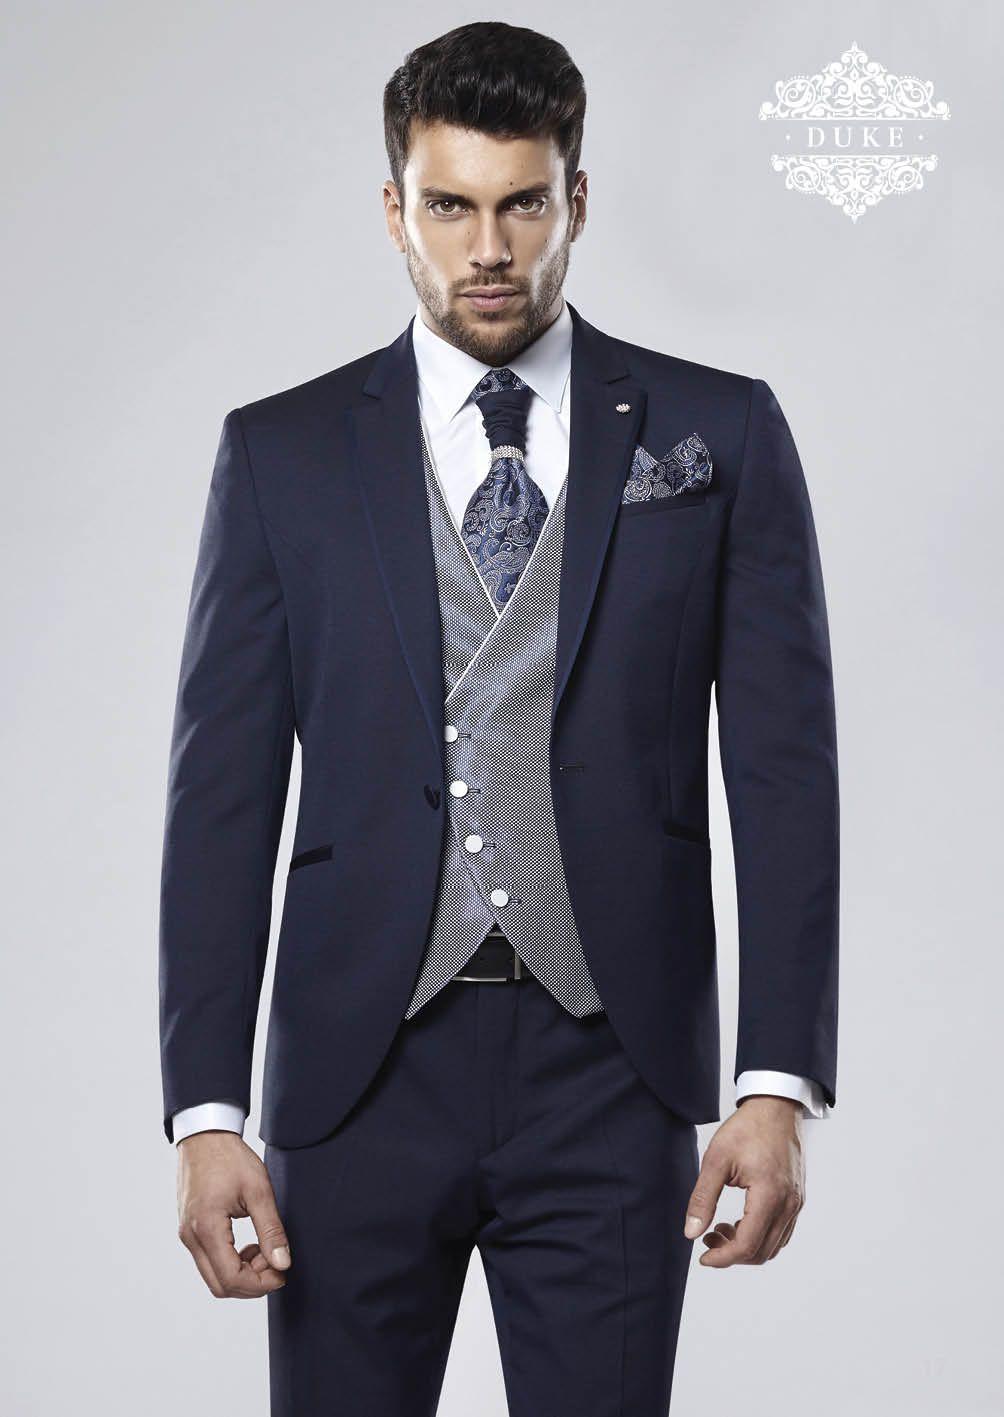 trajes de novio duke